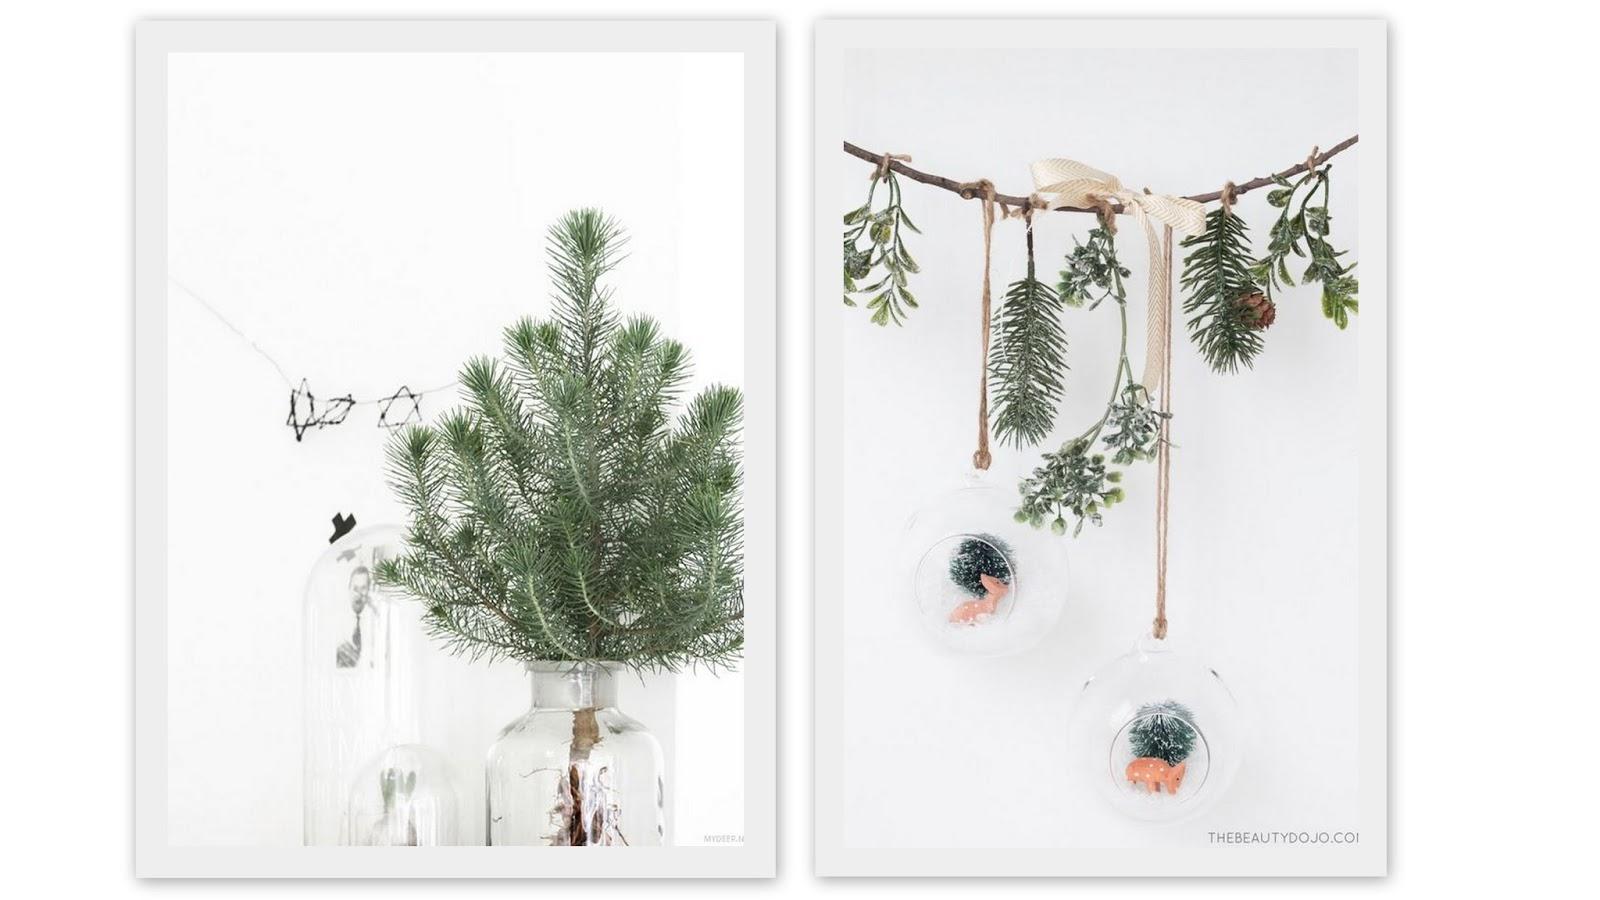 Oui Nathalie : Let christmas begin! De leukste inspiratie voor kerst ...